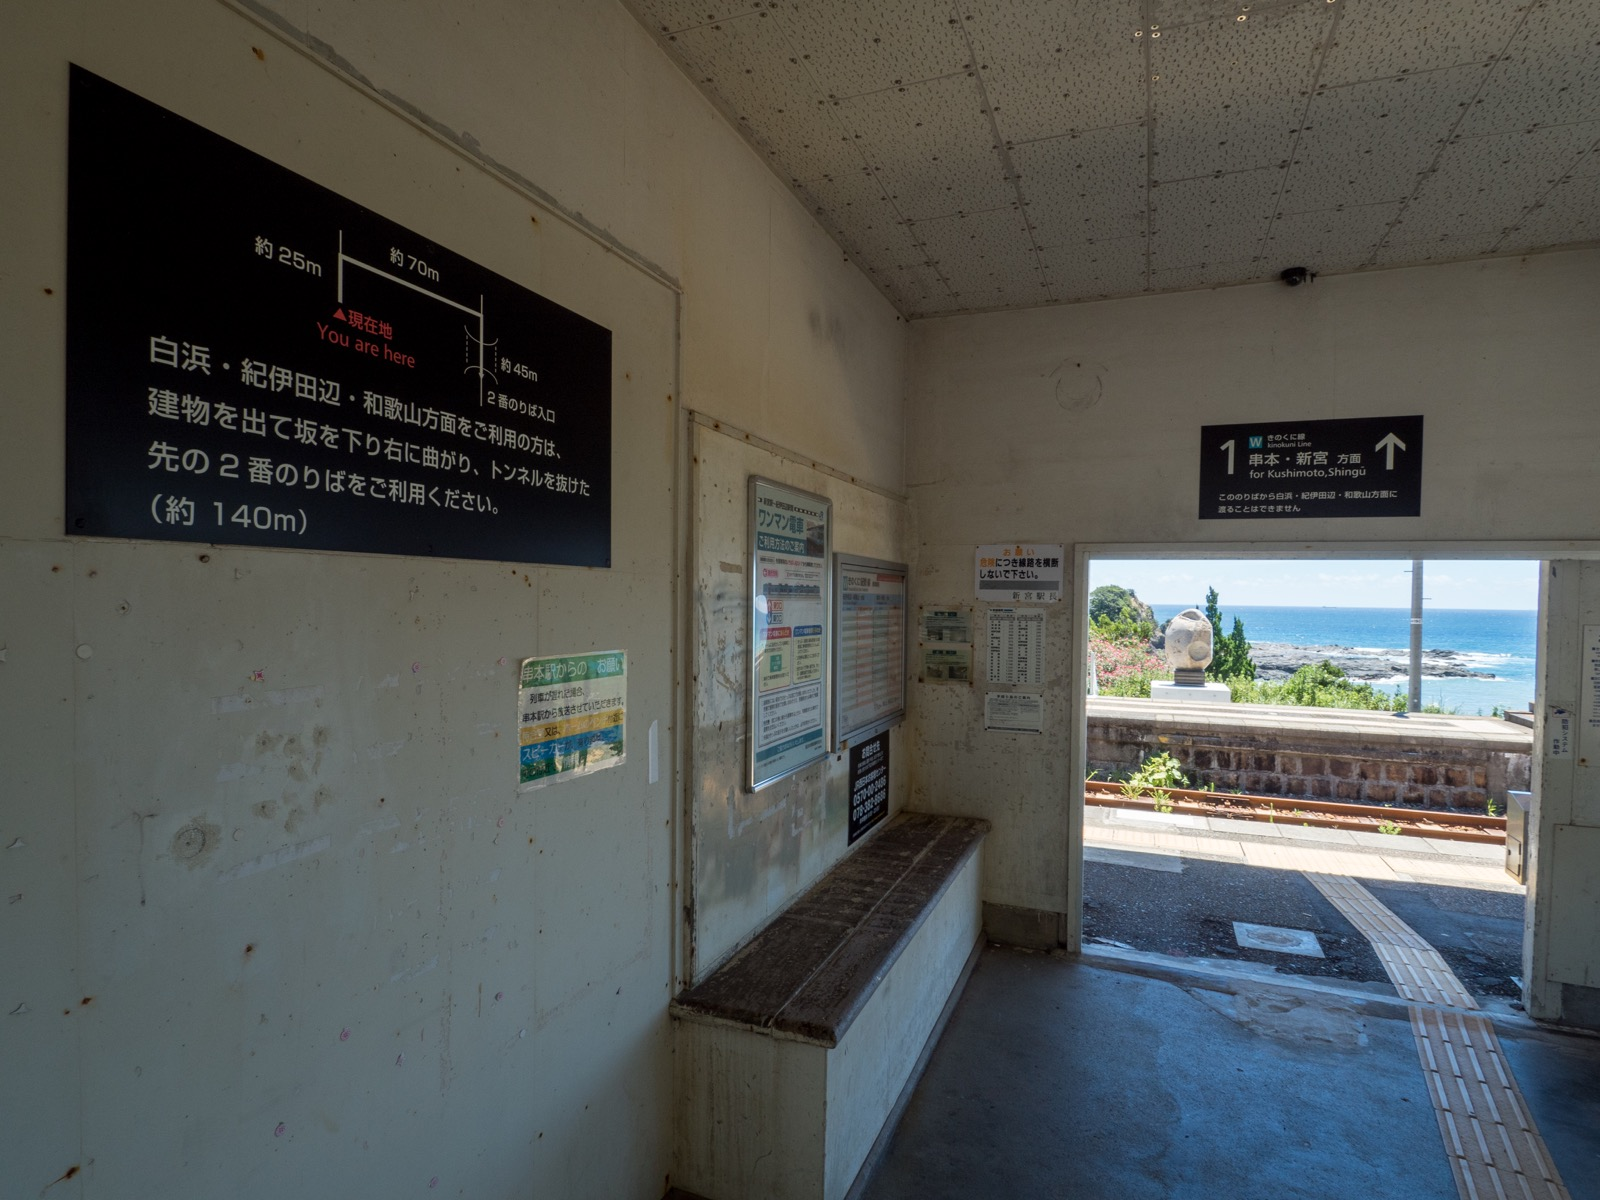 和深駅のホーム案内表示